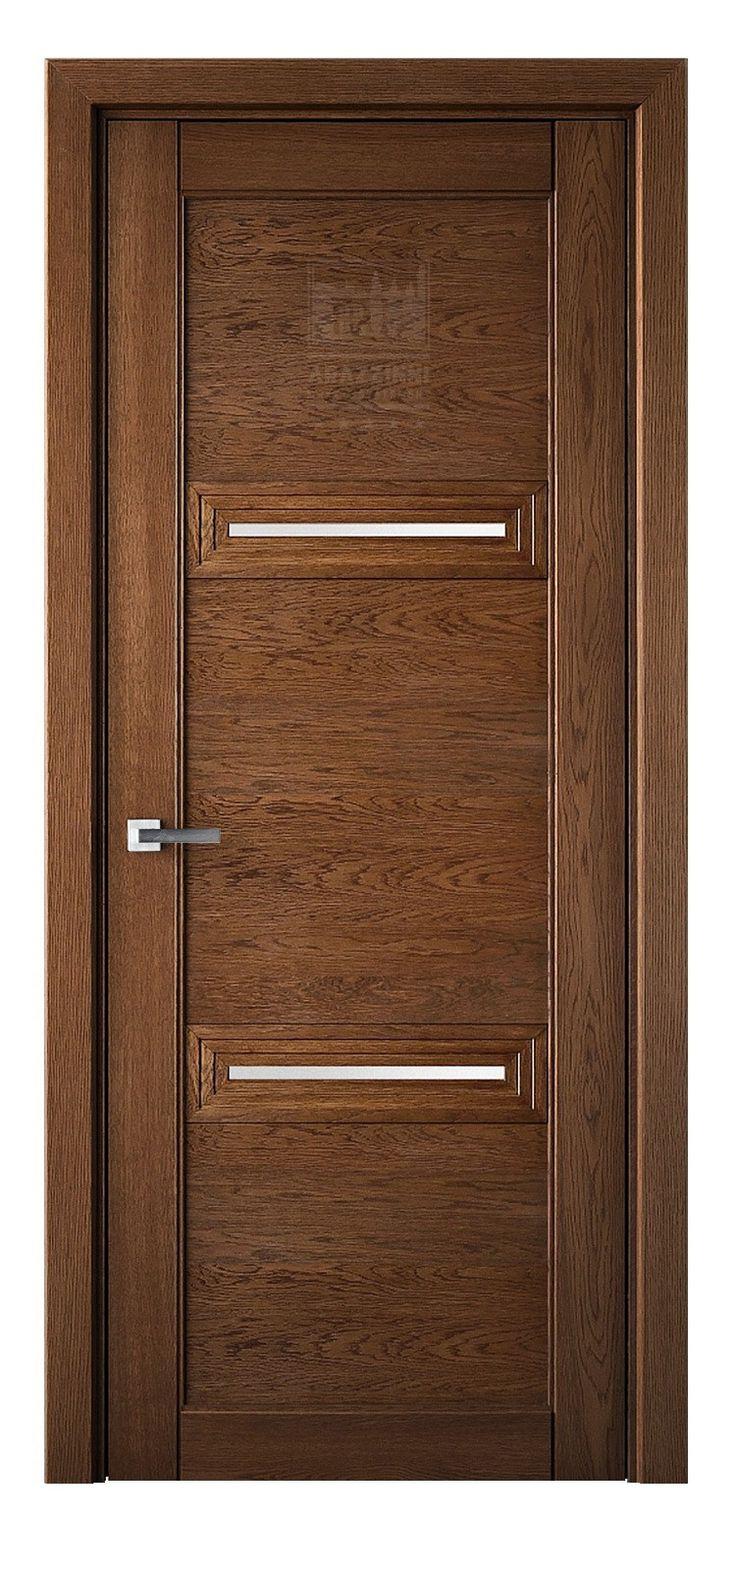 Arazzinni Ego E6113 Interior Door Royal Oak